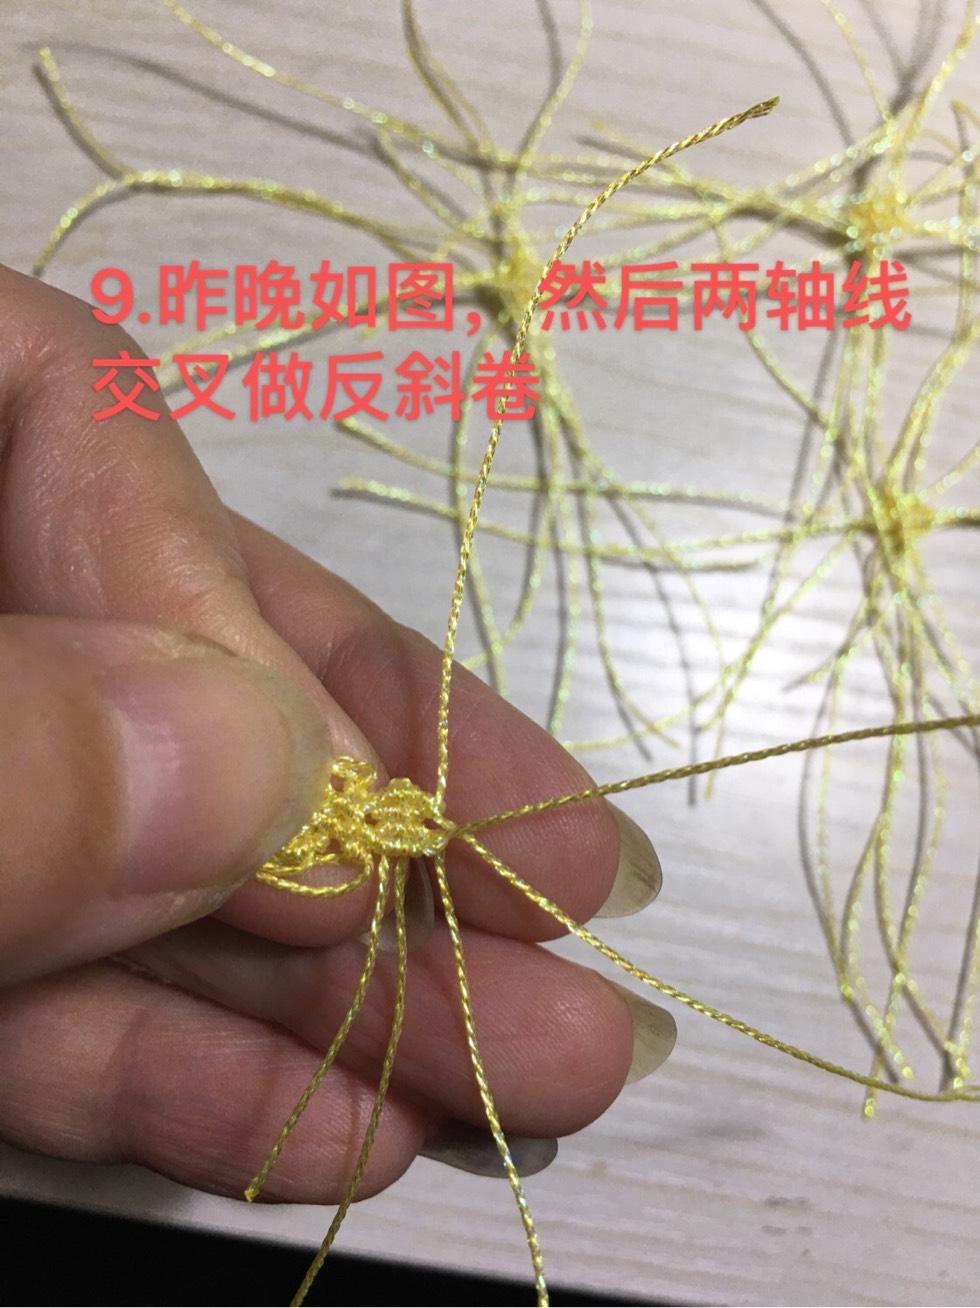 中国结论坛 小花教程及变化 教程,手工小花怎么做 折纸,幼儿园手工制作,手工小花朵的做法图片 图文教程区 101655p457jdjlivzeee4b